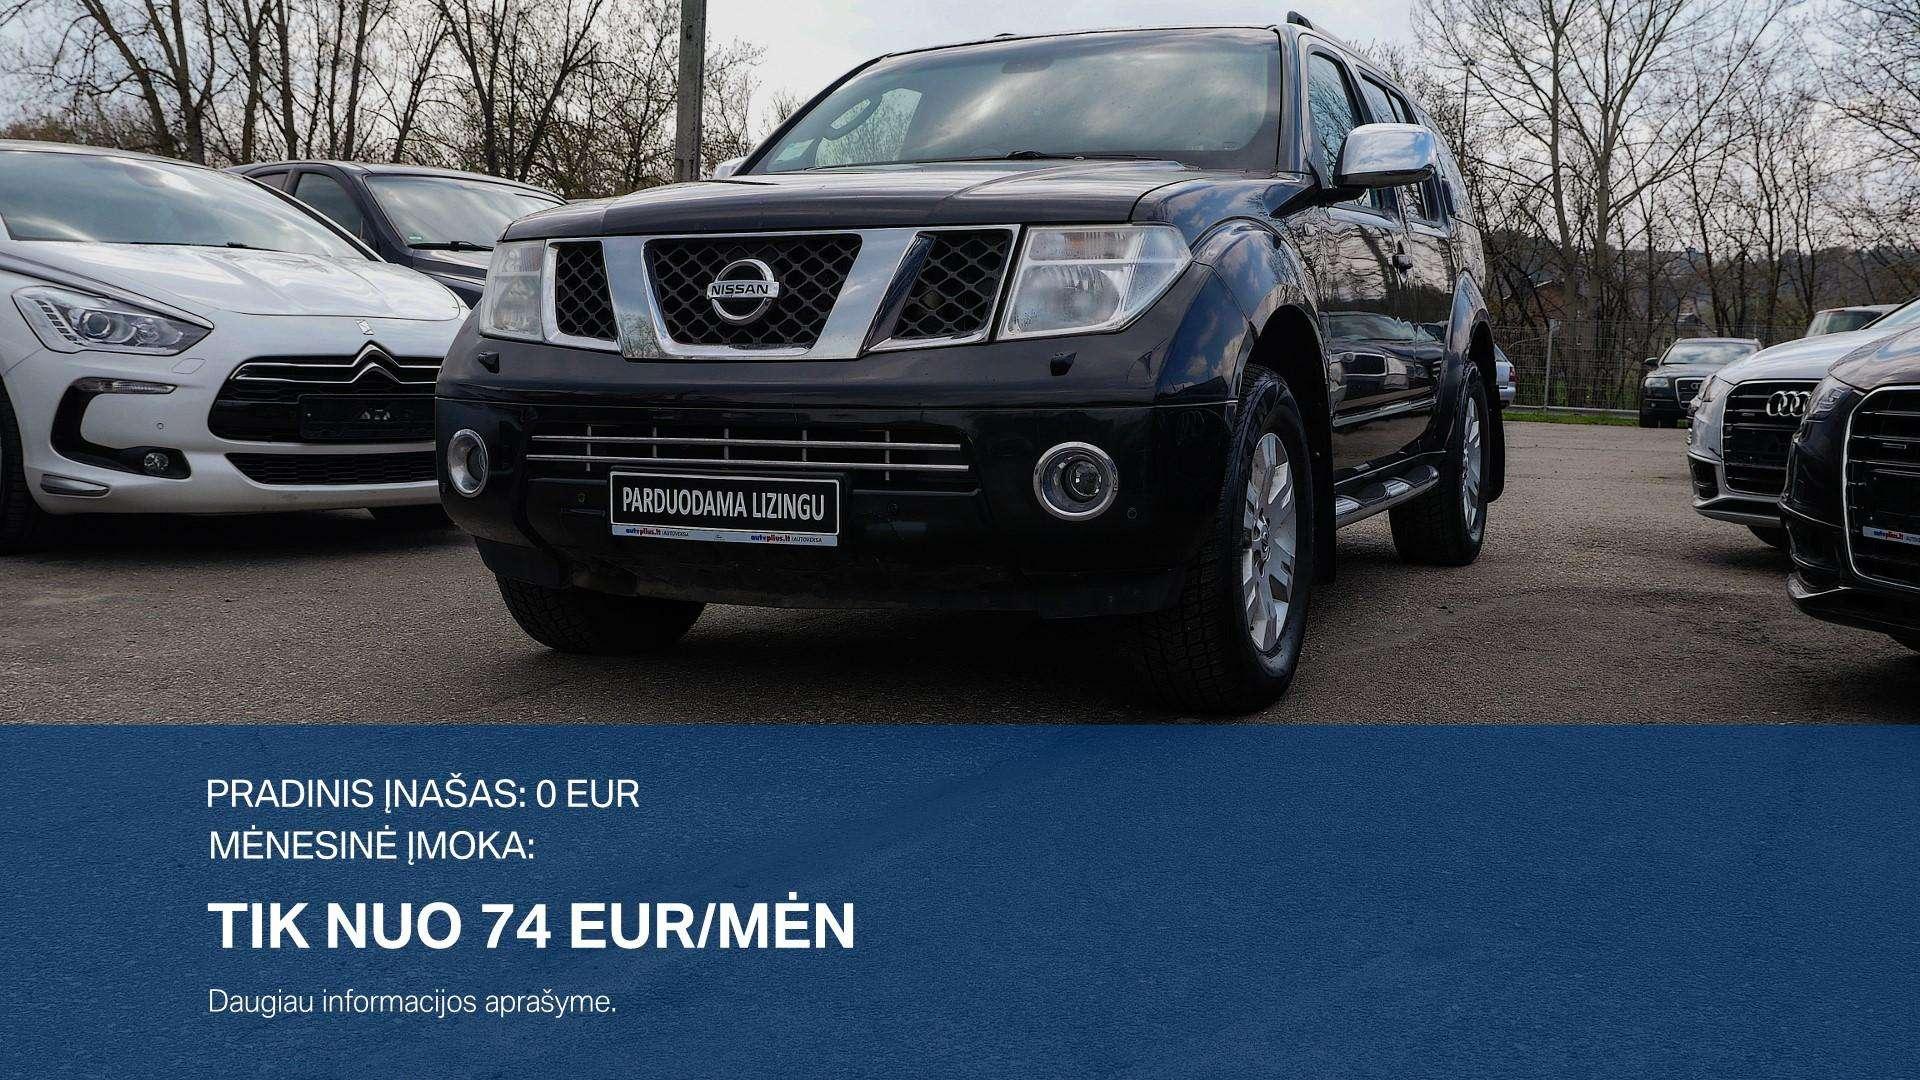 Nissan Pathfinder išsimokėtinai nuo 74Eur/ mėn su 3 mėnesių garantija